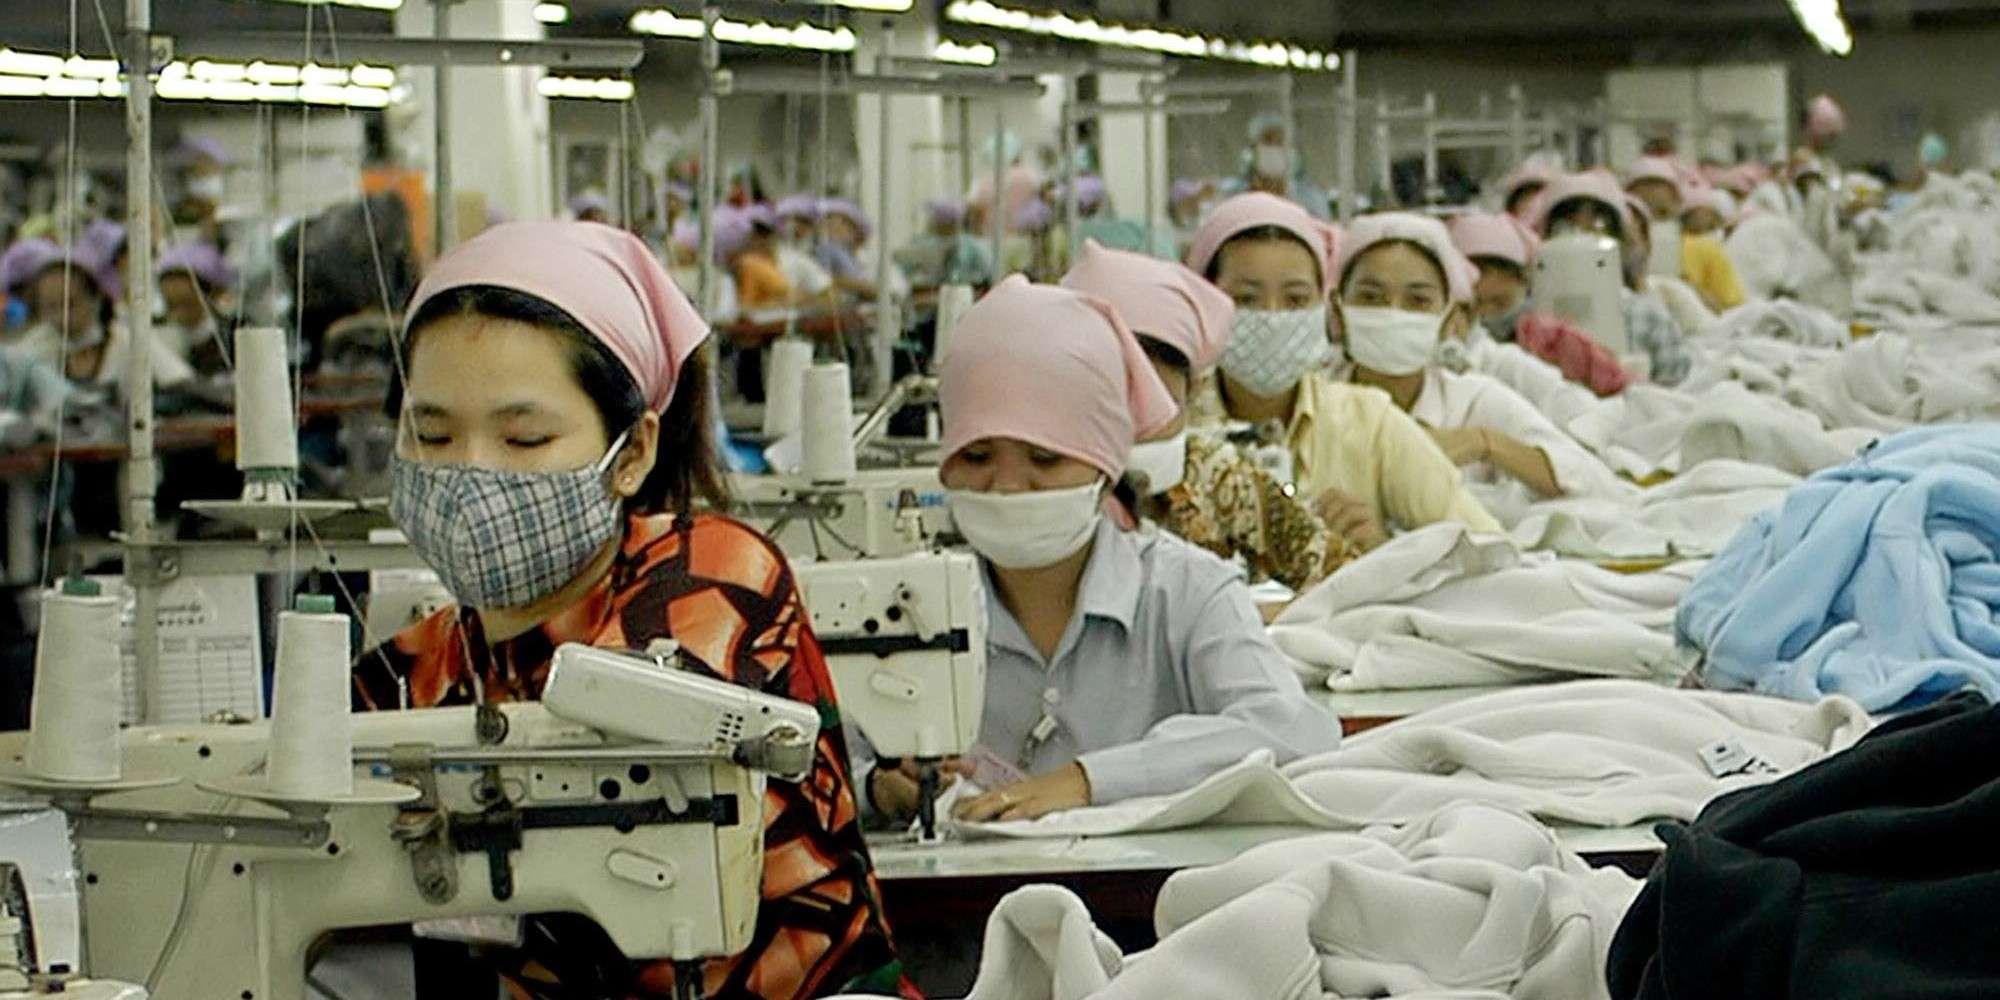 Η αποικιοκρατία έχει πλέον αλλάξει μορφή. Οι σύγχρονοι δούλοι είναι οι άνθρωποι που «εργάζονται» στα εργοστάσια κάτεργα της πολυεθνικής παραγωγής.